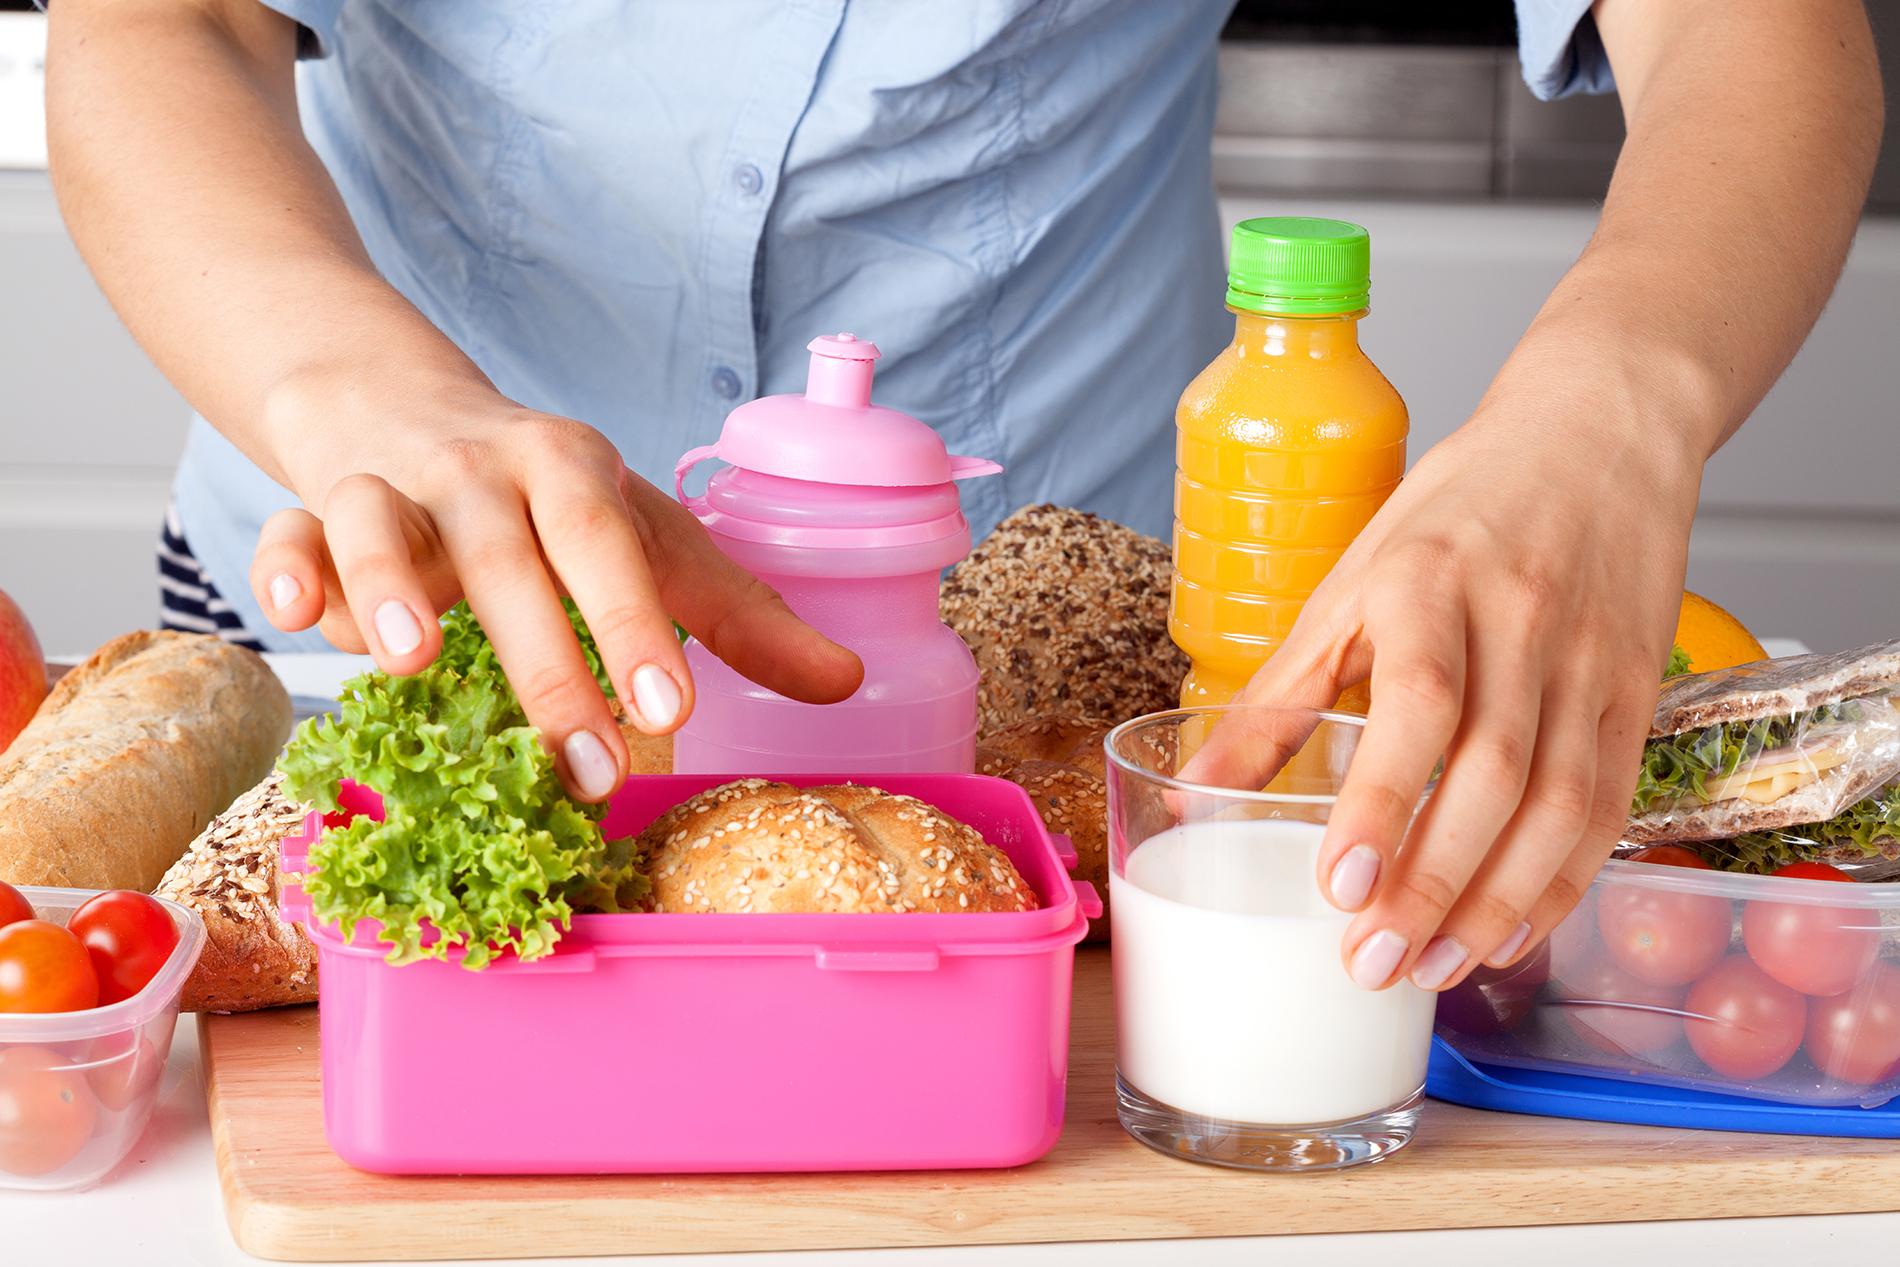 Al hacer las viandas: cocinar bien las carnes y los huevos. Nada de partes crudas o rosadas en las carnes, ni preparaciones con huevos que veas con consistencia líquida.